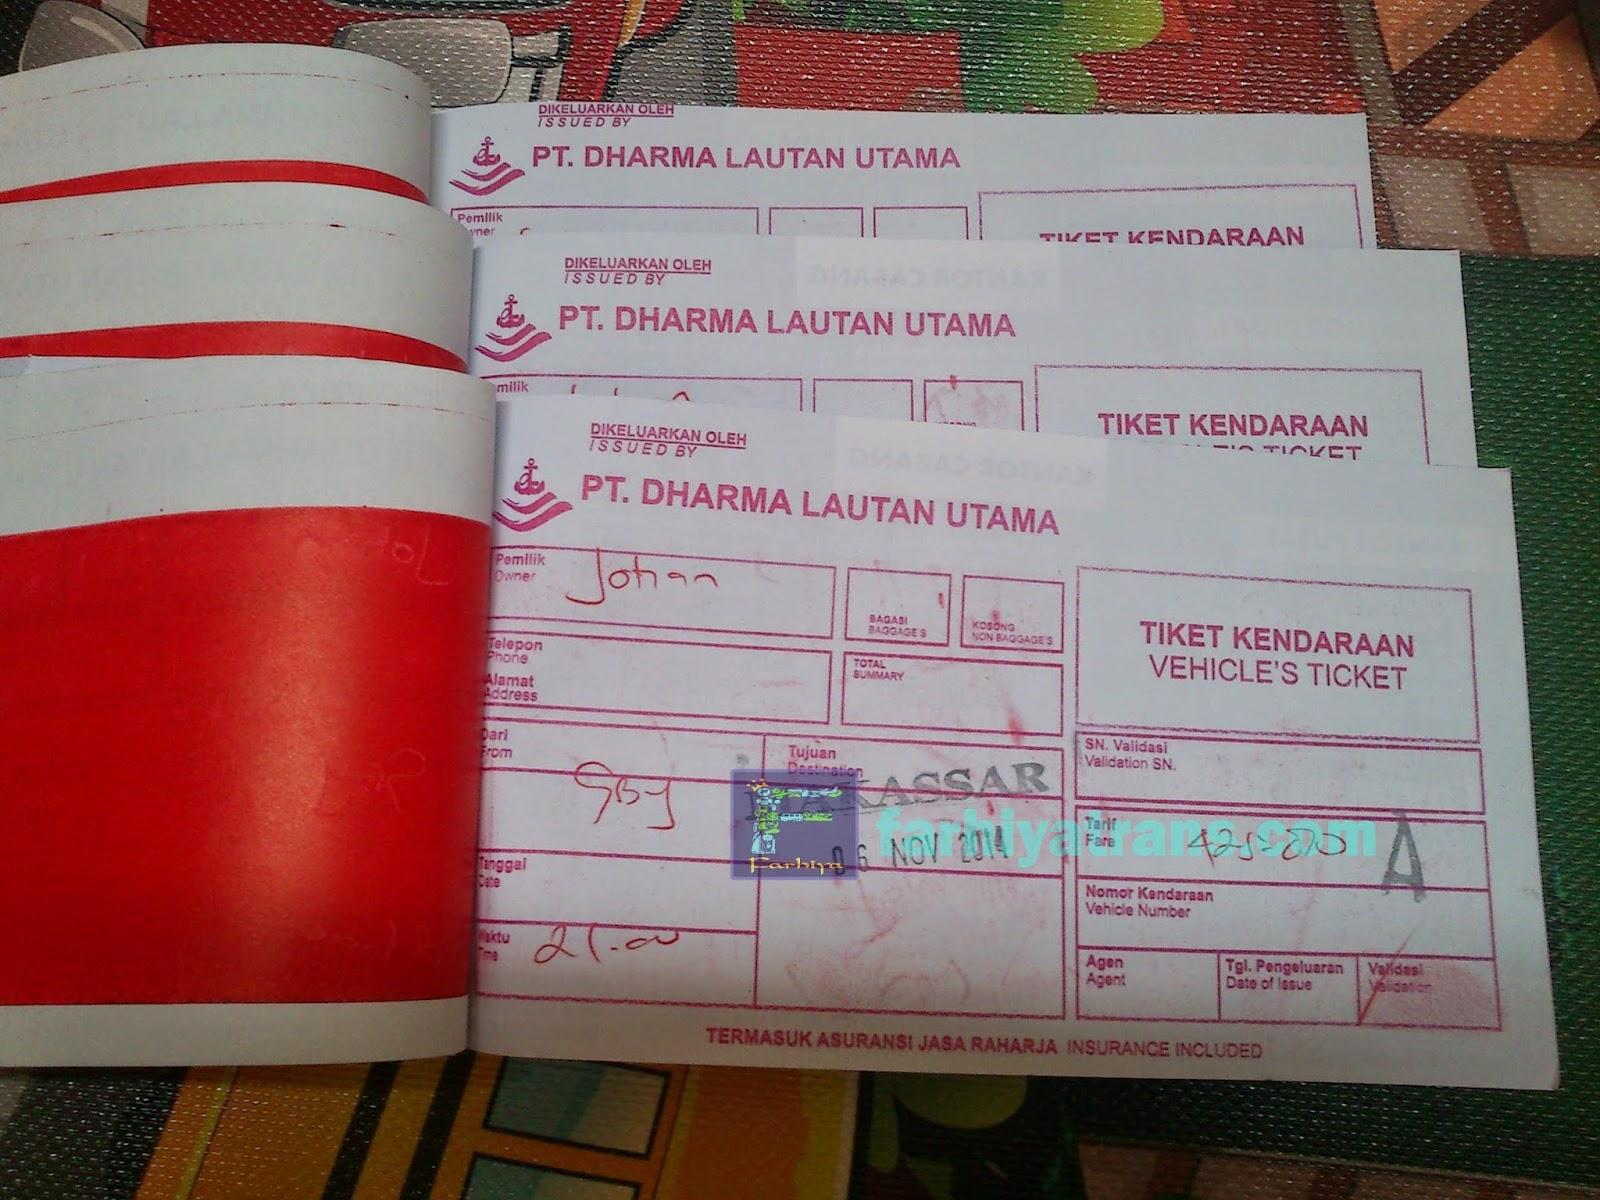 tiket scooter kirim dari surabaya ke makassar dengan kapal cepat